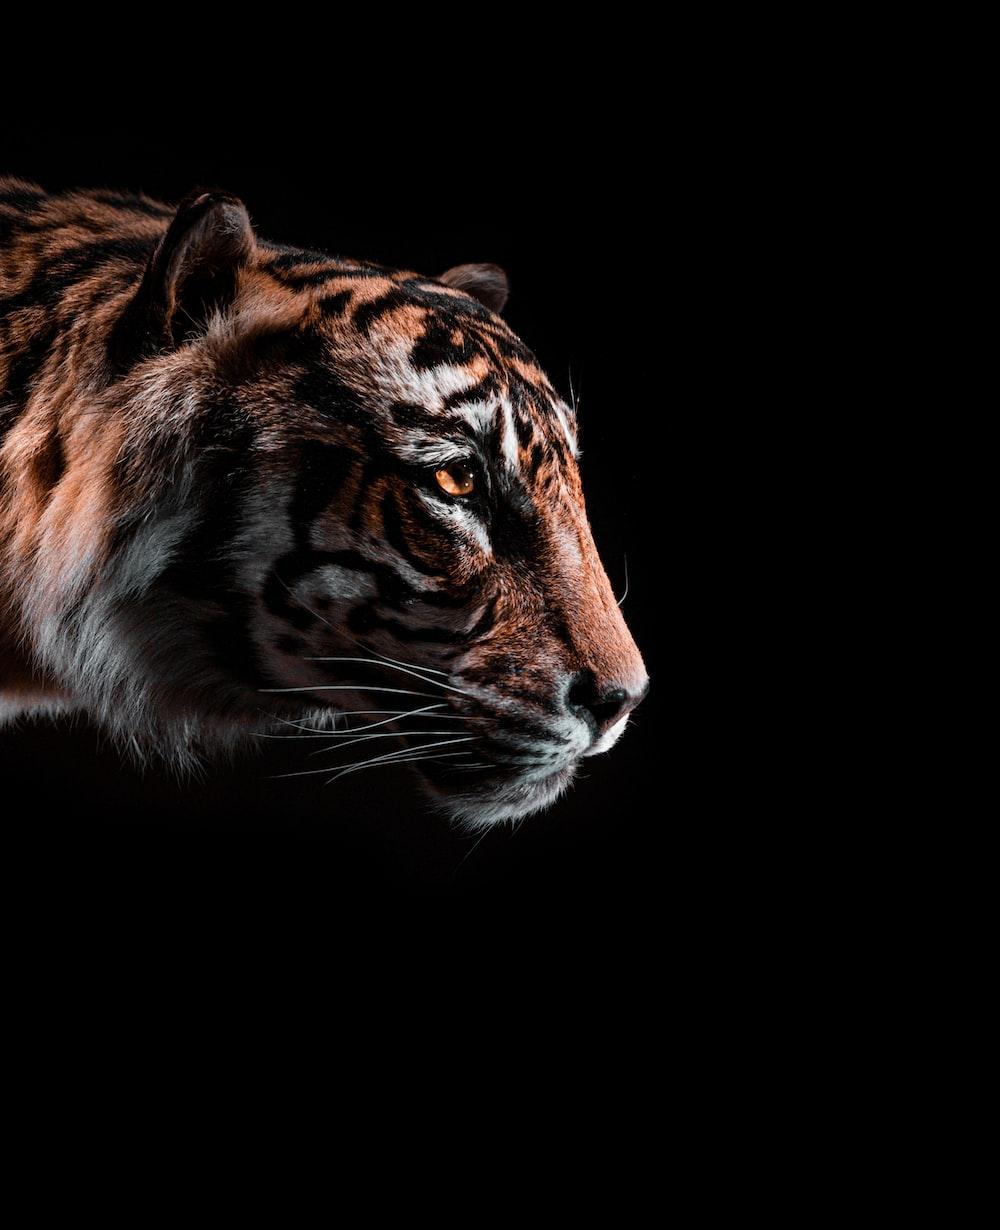 brown and black tiger illustration